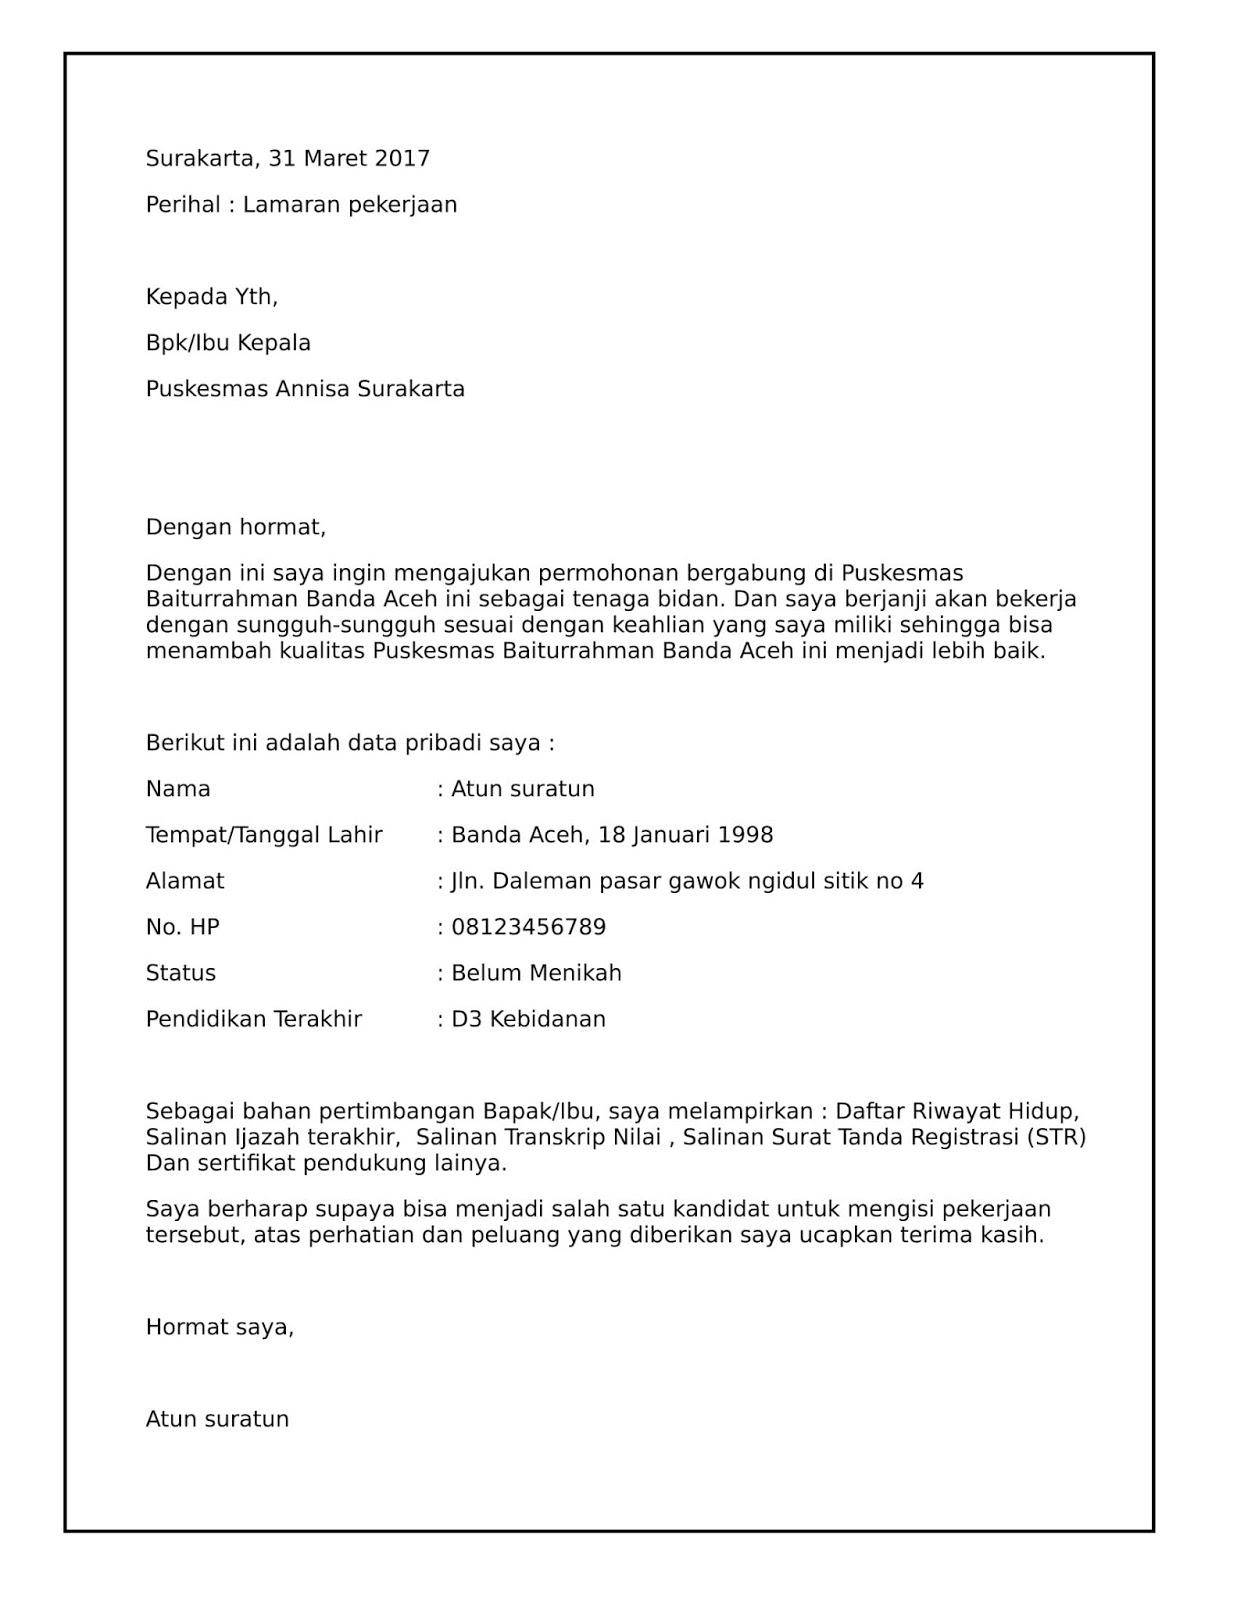 Contoh Surat Lamaran Kerja Bidan Paling Lengkap Dengan File Word Contoh Surat